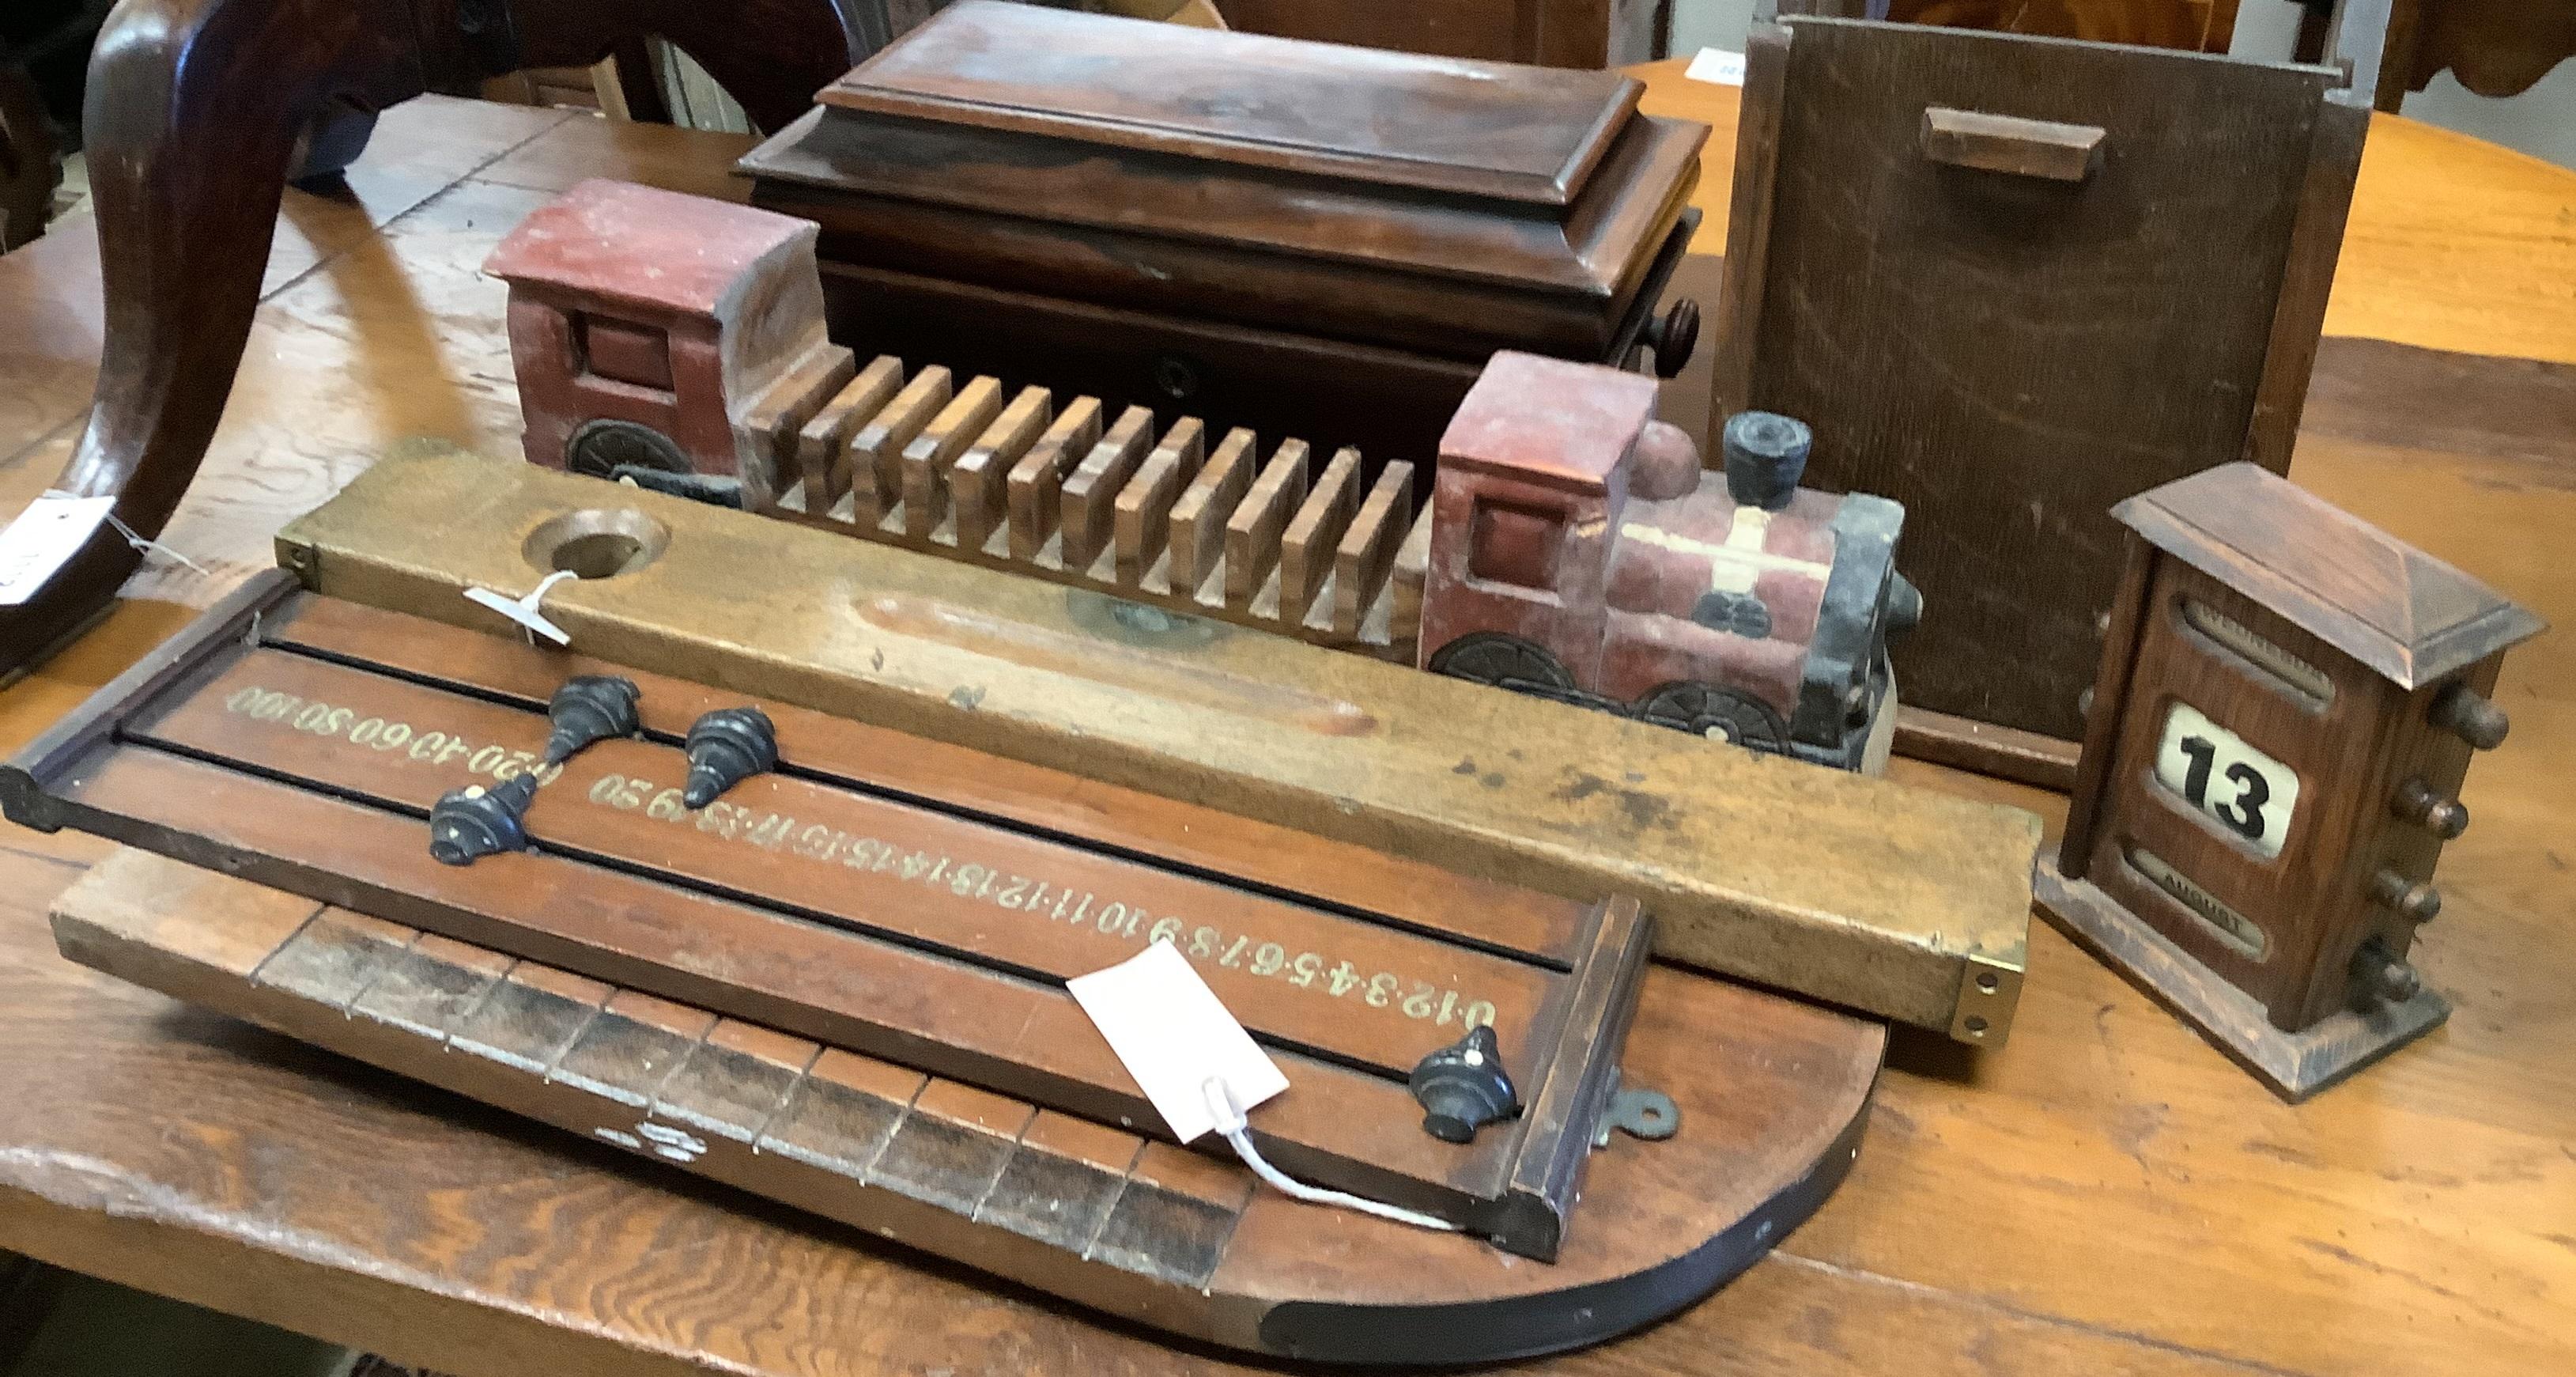 A Shove Ha'penny board, a Preston & Sons brass-mounted spirit level, a Riley's billiards scoreboard